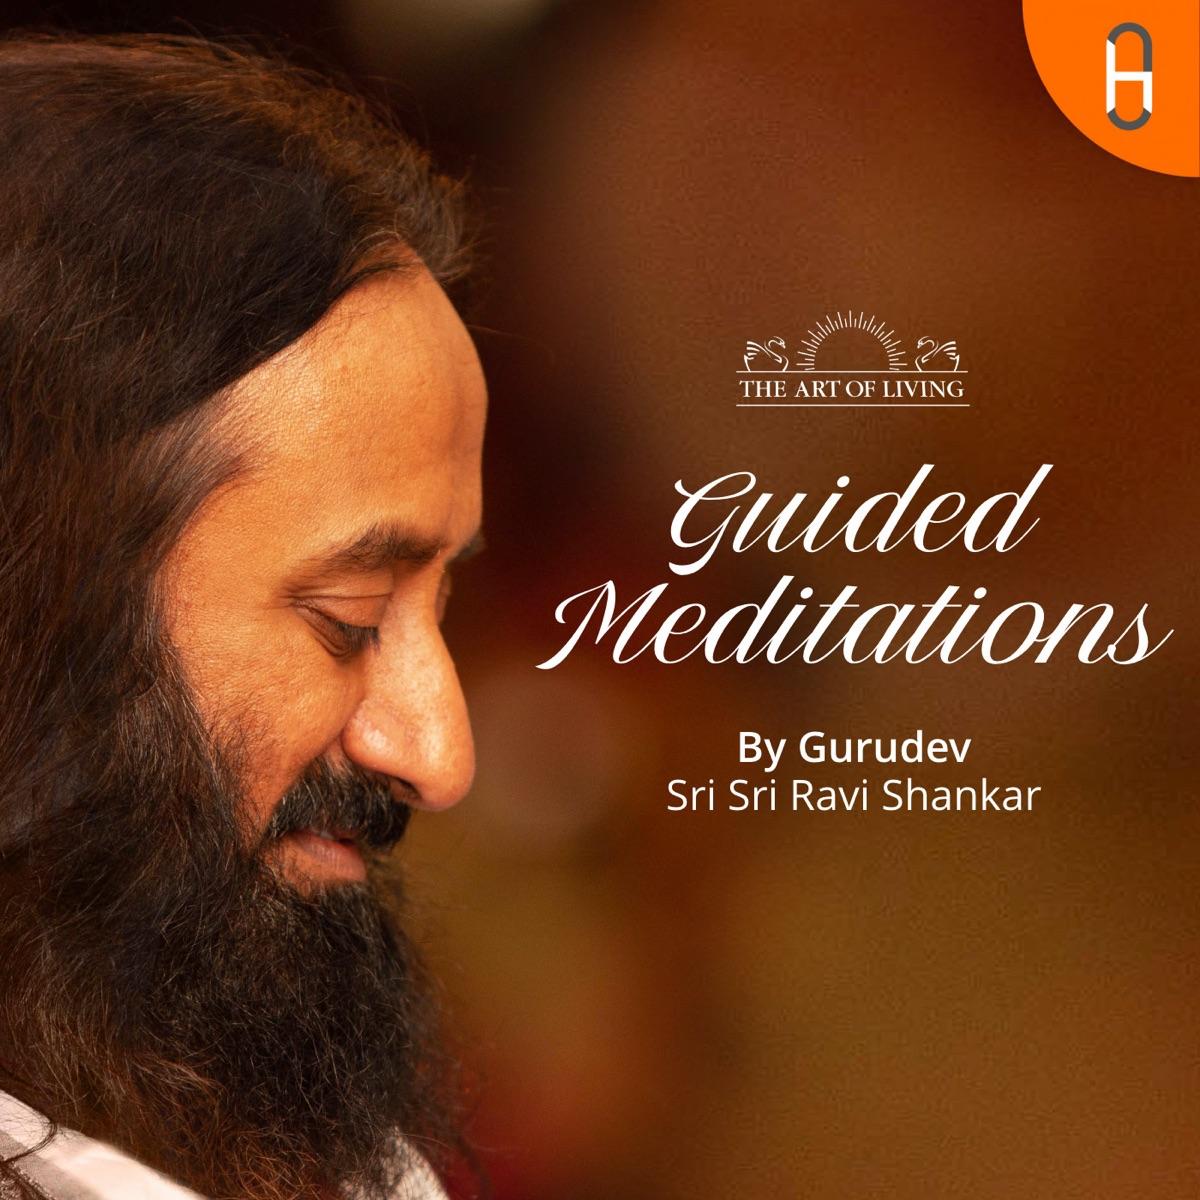 Guided Meditations by Gurudev Sri Sri Ravi Shankar